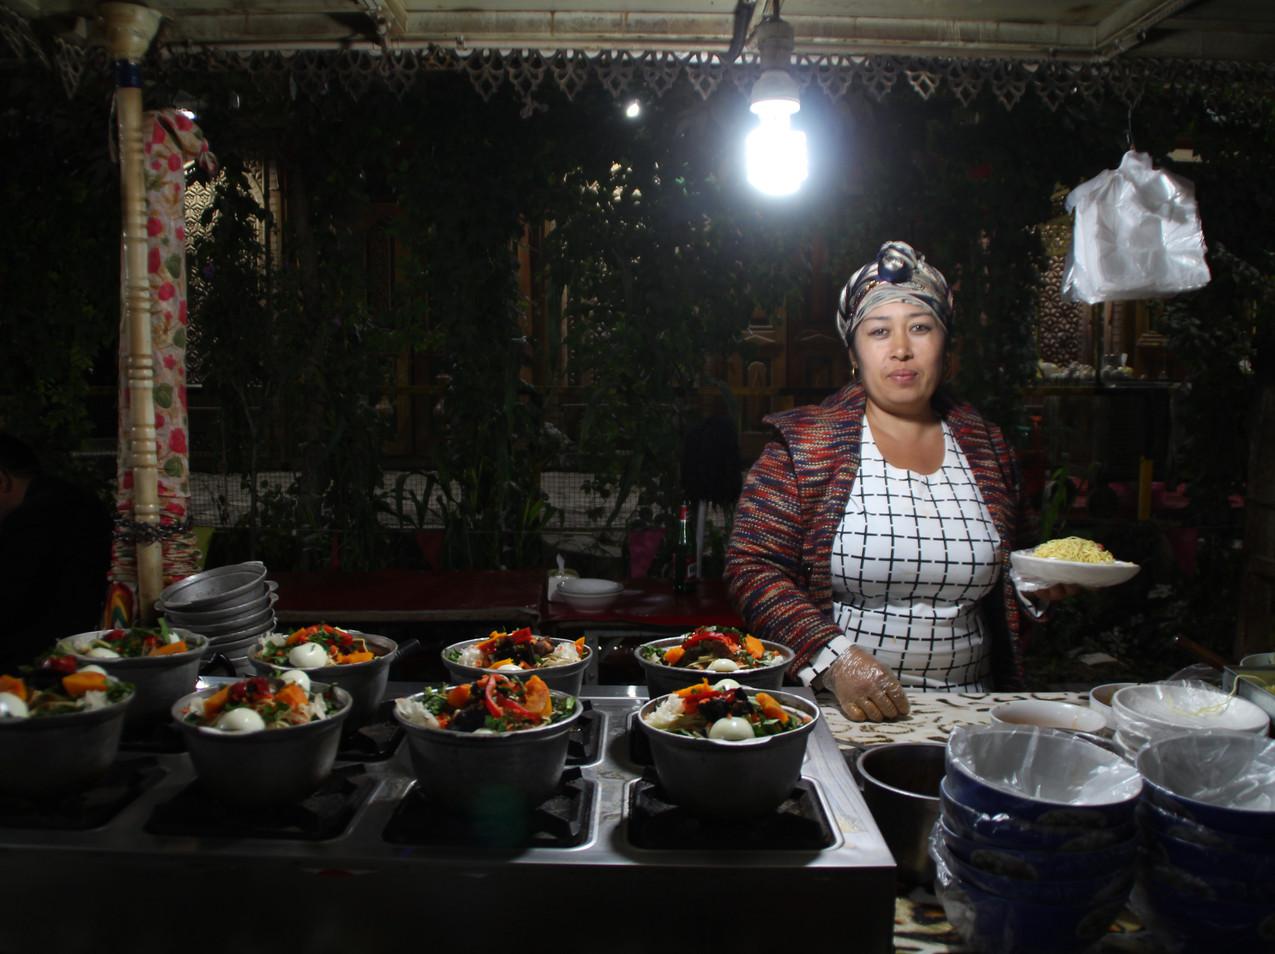 אויגורית מוכרת קסרול בשוק הלילה של קאשגר